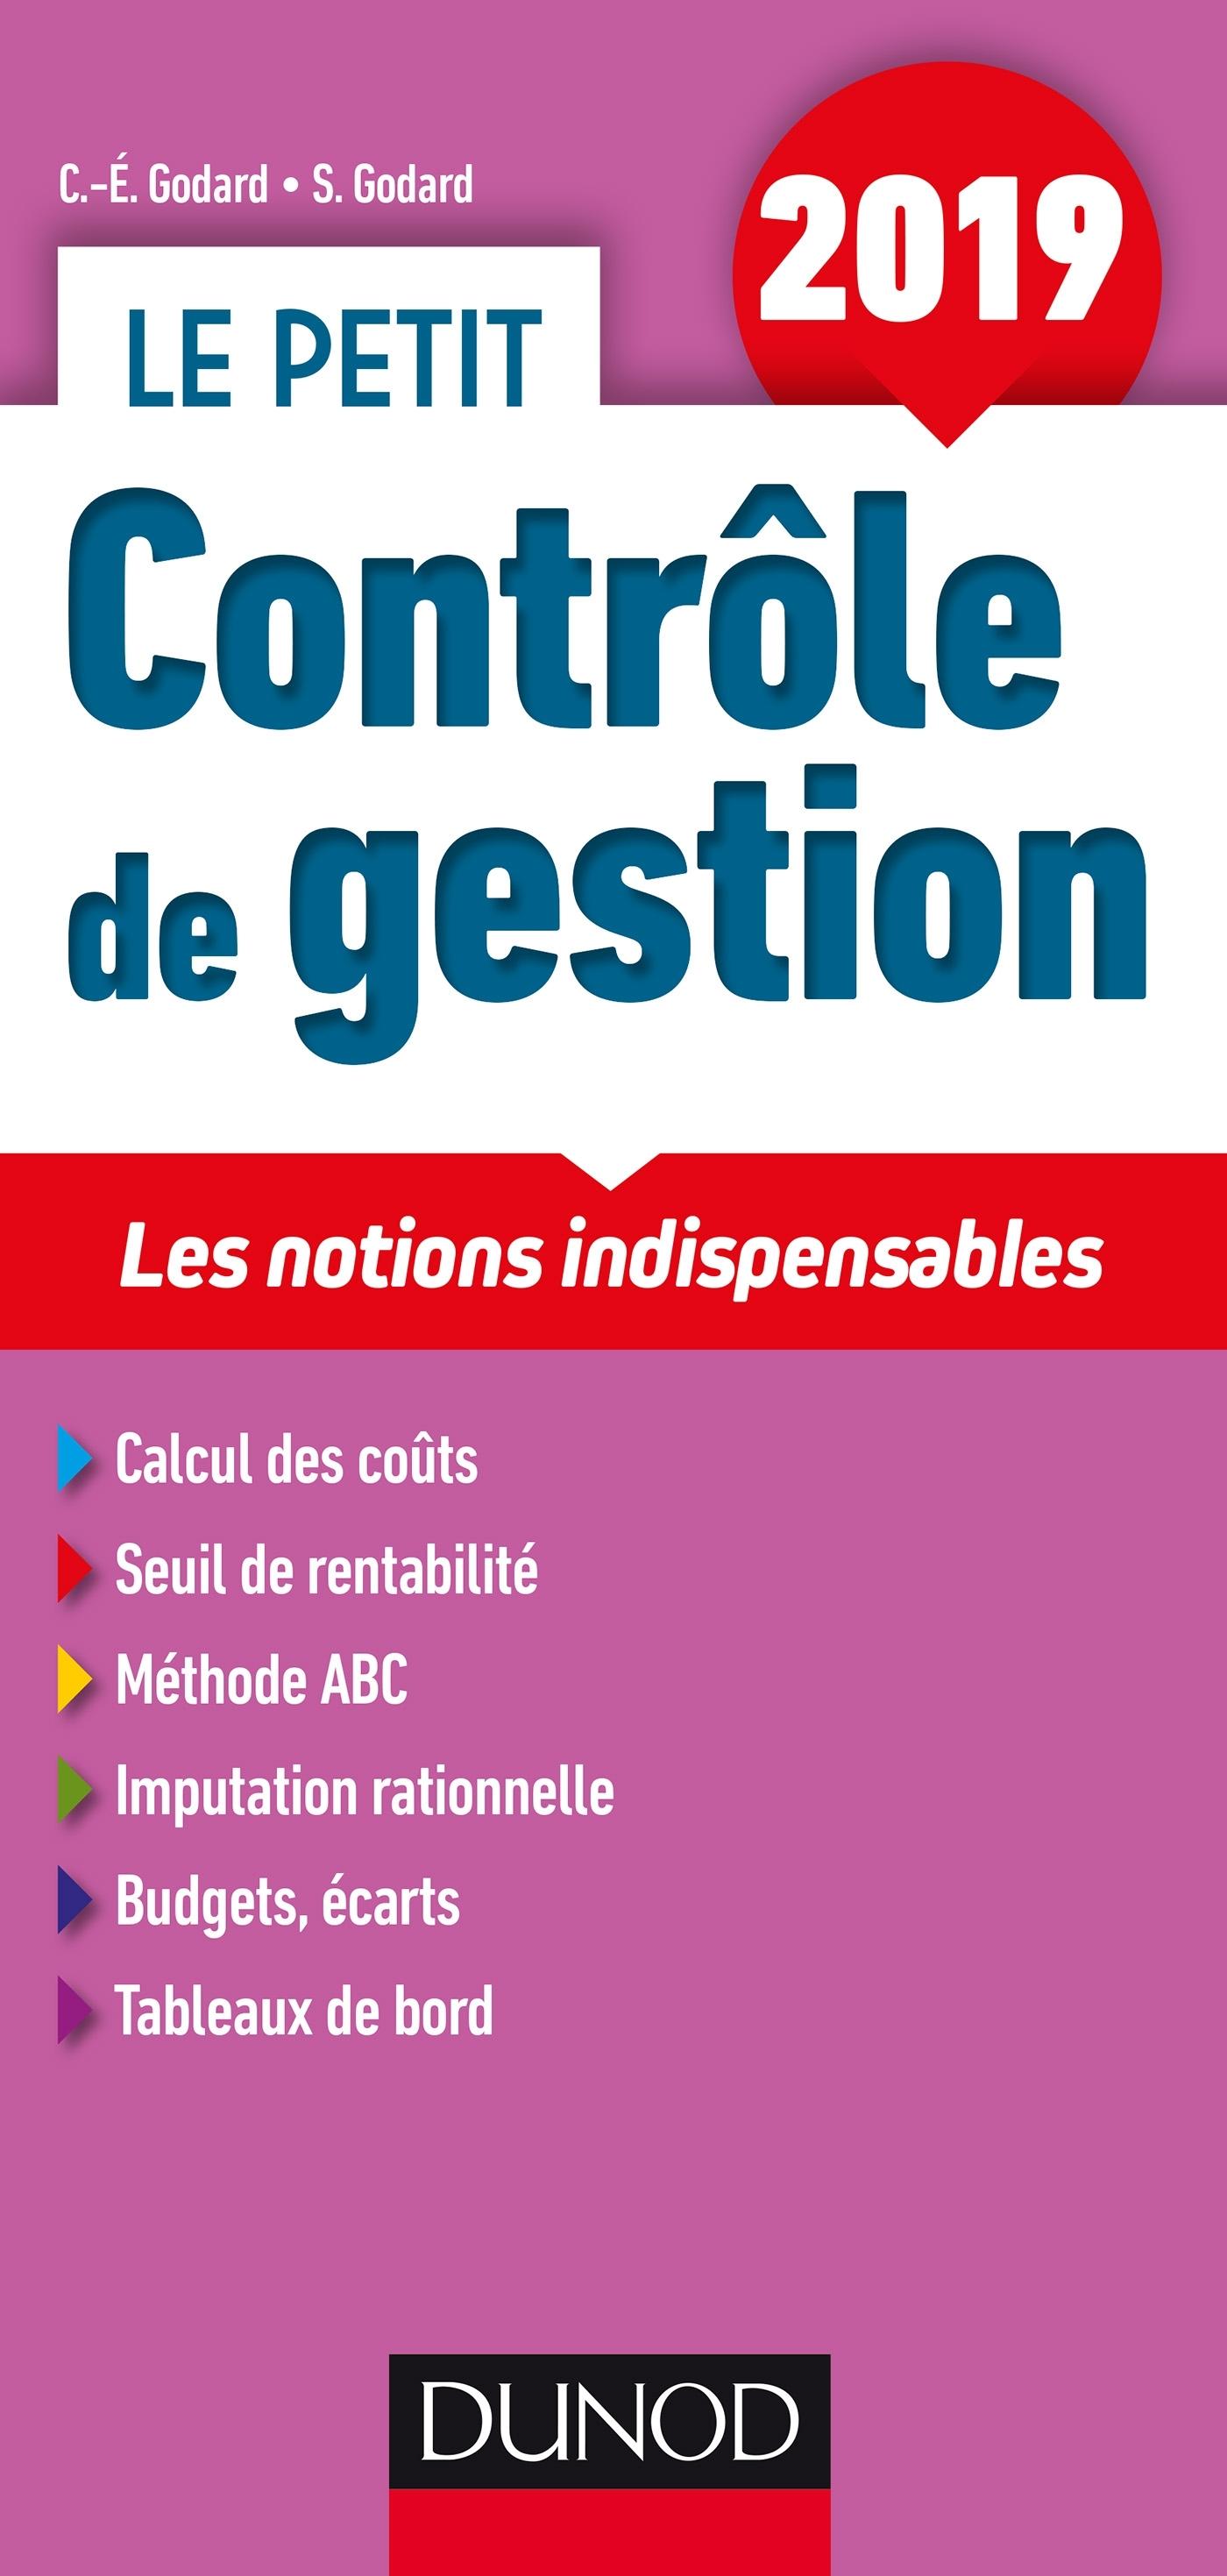 LE PETIT CONTROLE DE GESTION 2019 - LES NOTIONS INDISPENSABLES